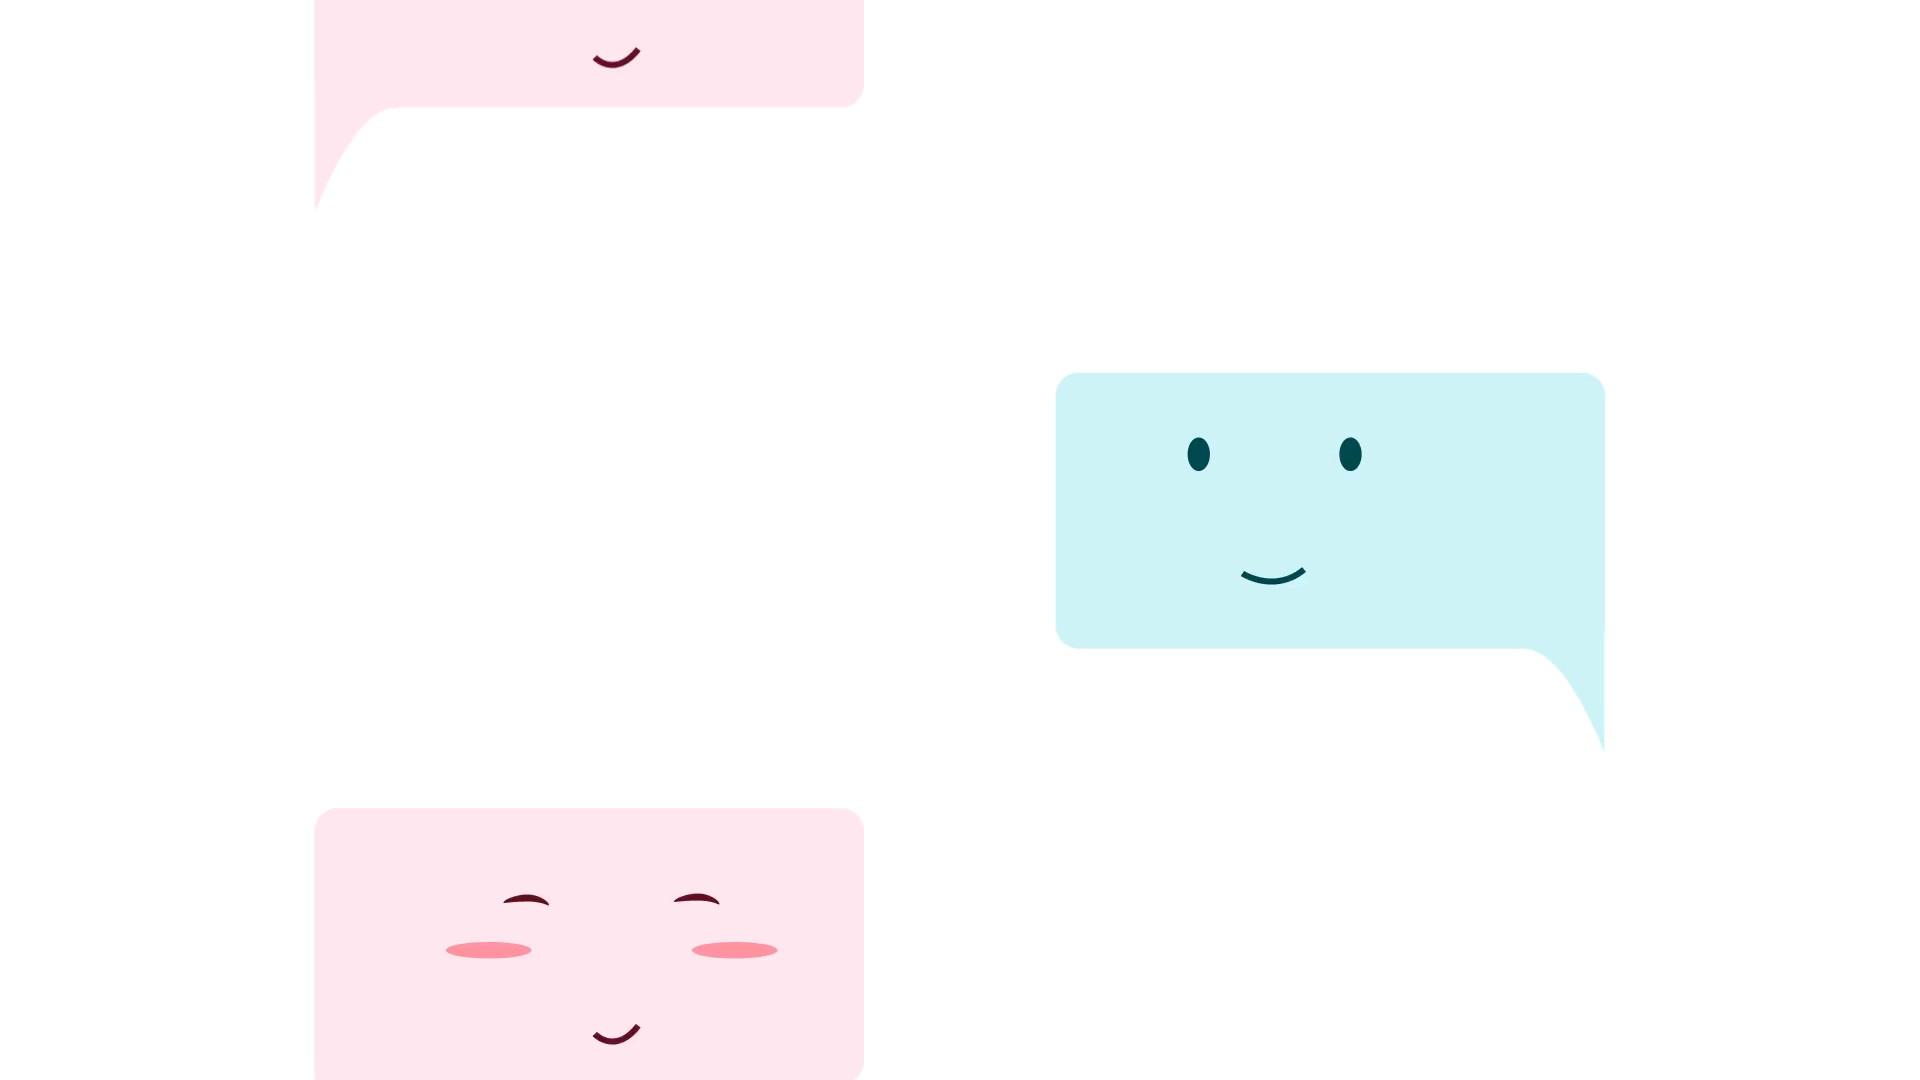 انیمیشن پیامک عاشقانه تلگرام | گیف پیامک عاشقانه واتساپ